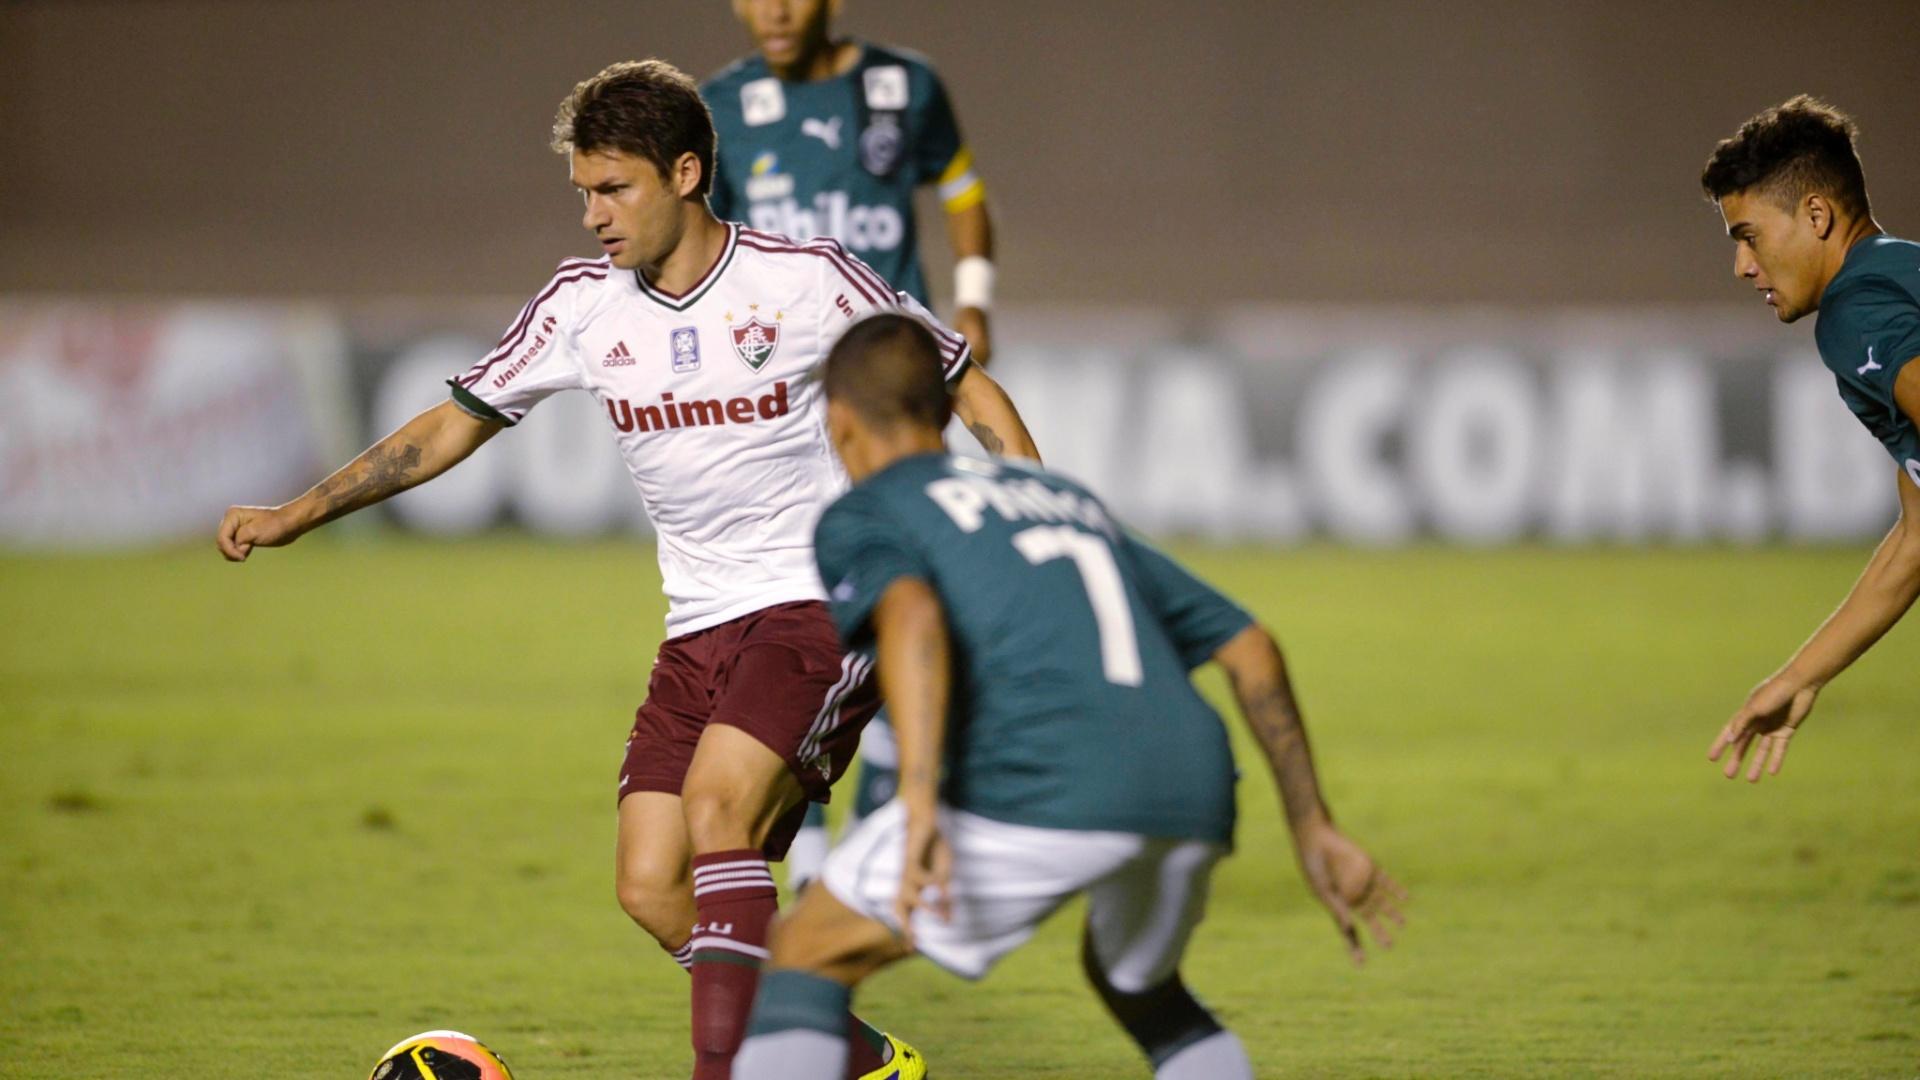 28.set.2013 - Observado por três marcadores do Goiás, Rafael Sóbis tenta jogada para o Fluminense em jogo do Campeonato Brasileiro